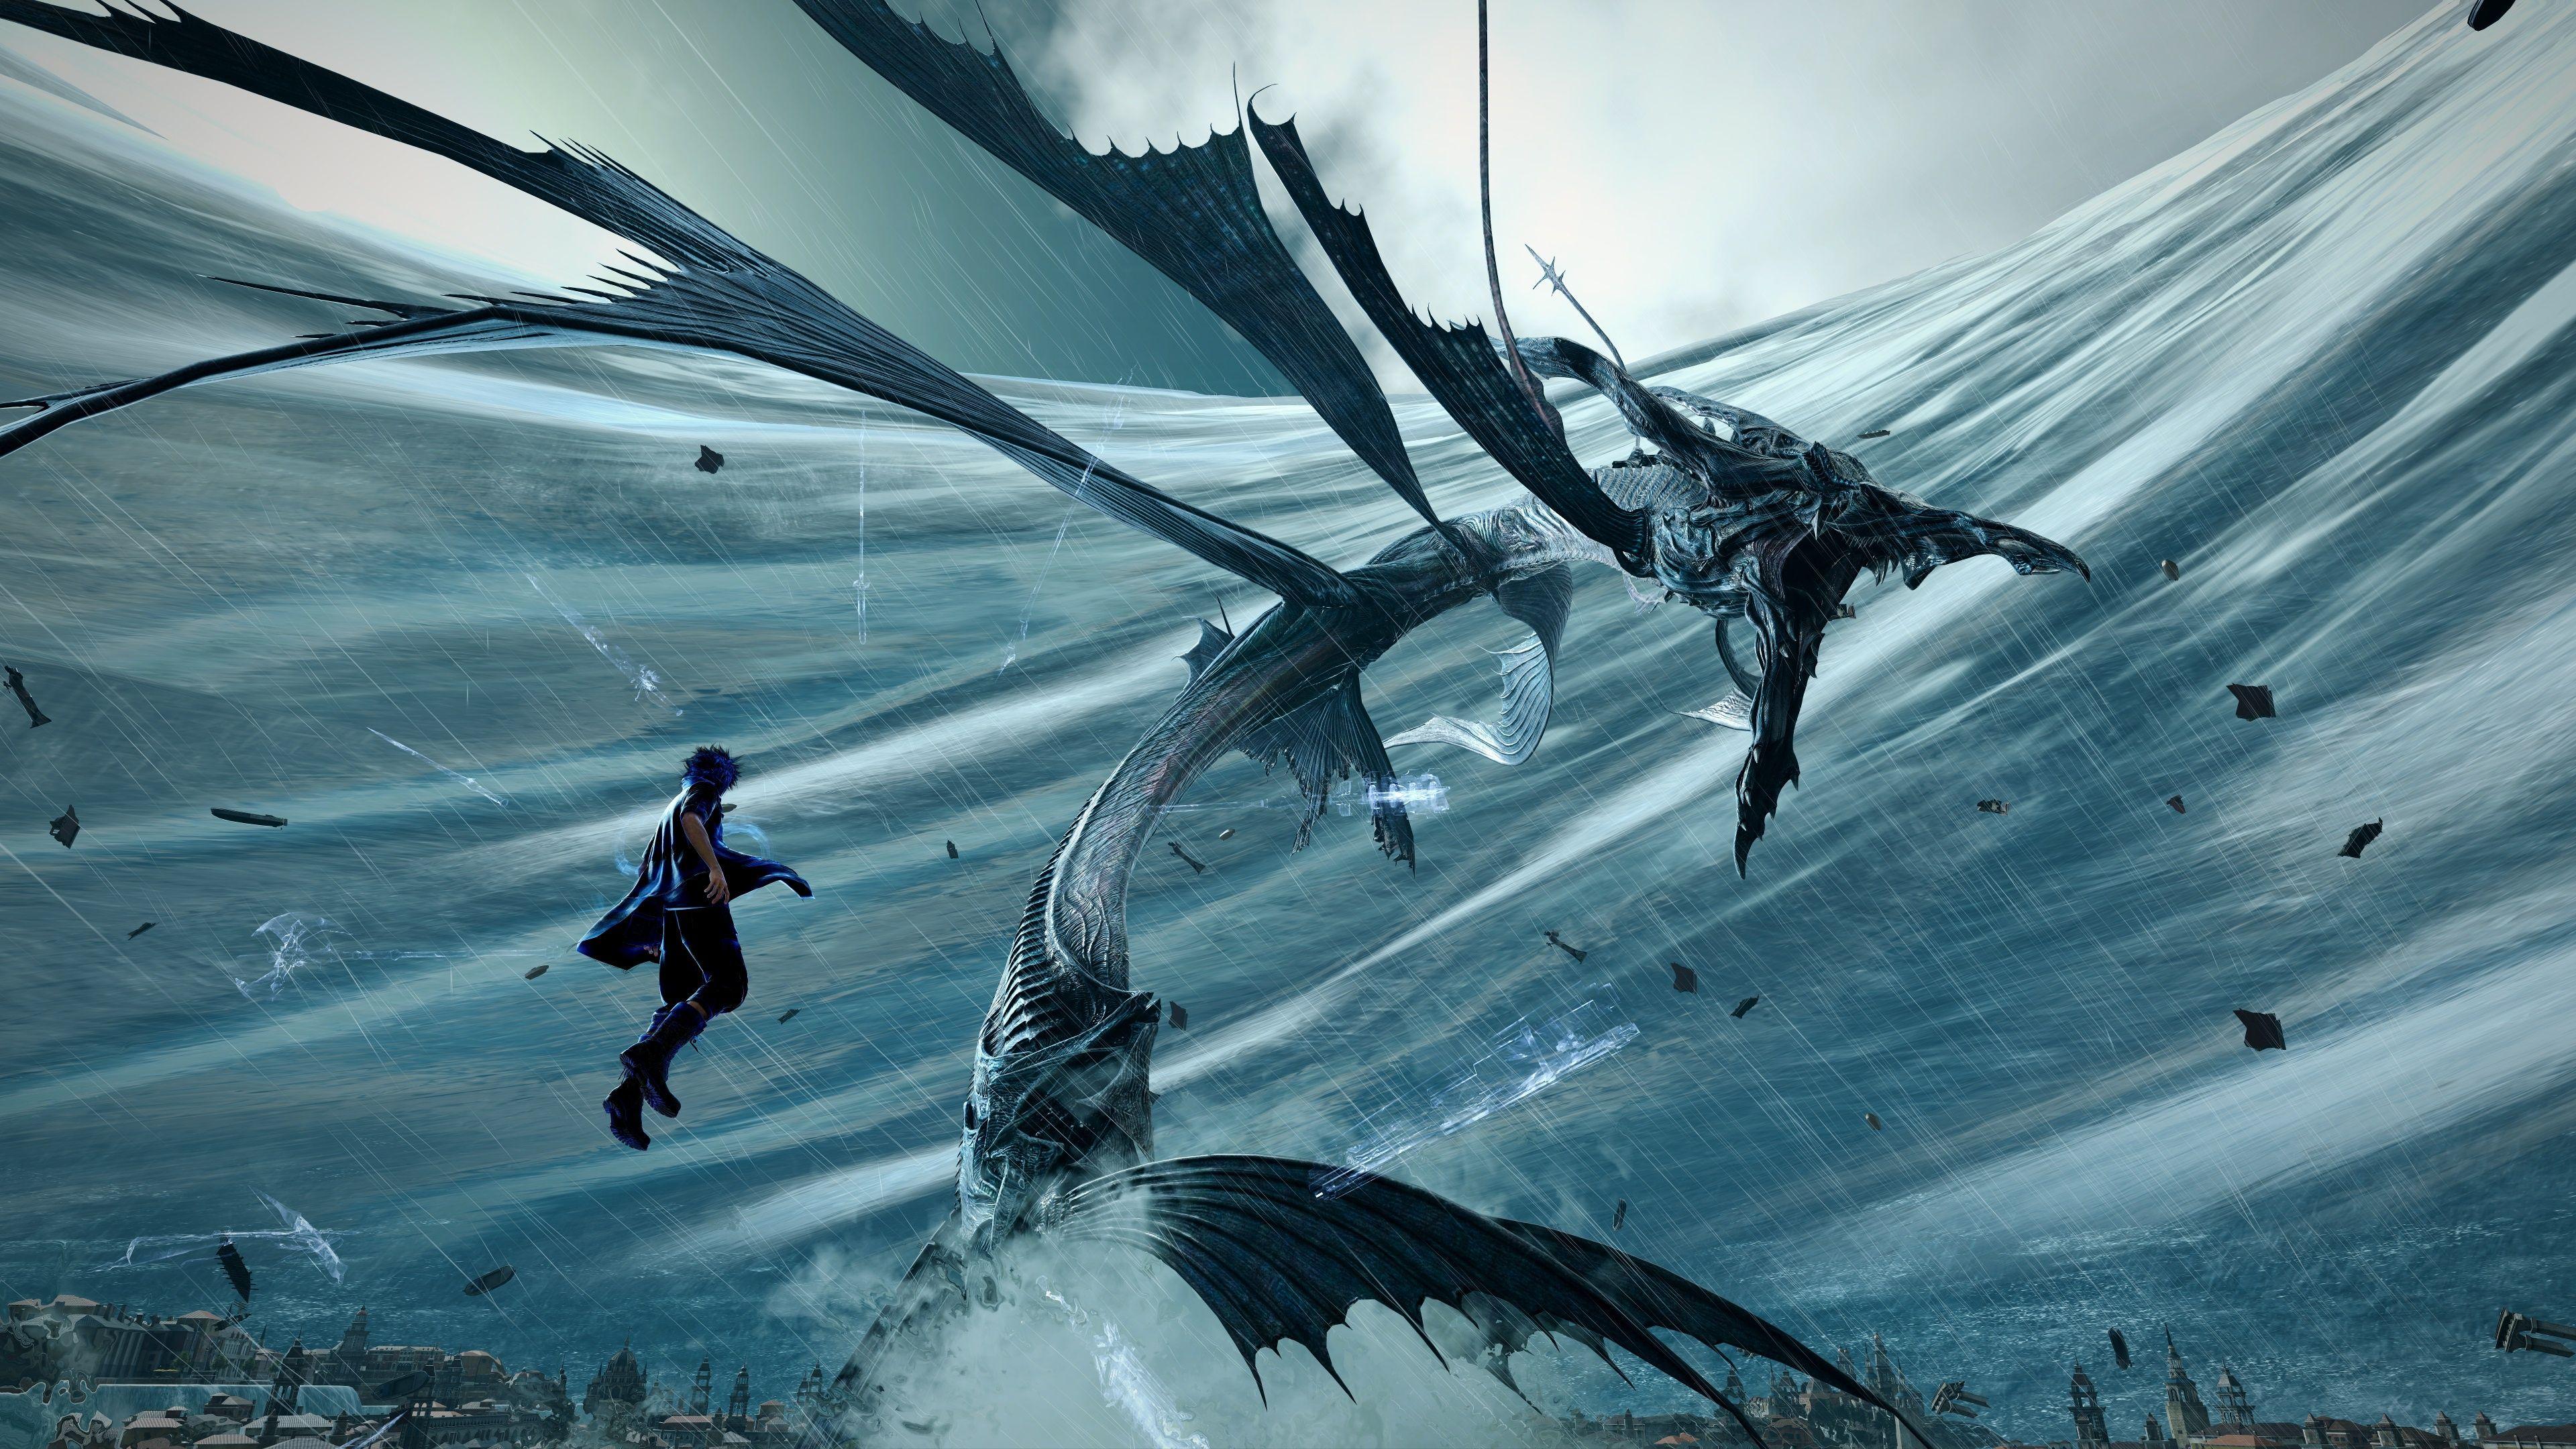 Final Fantasy Xv Para Pc Requisitos Minimos Y Fecha De